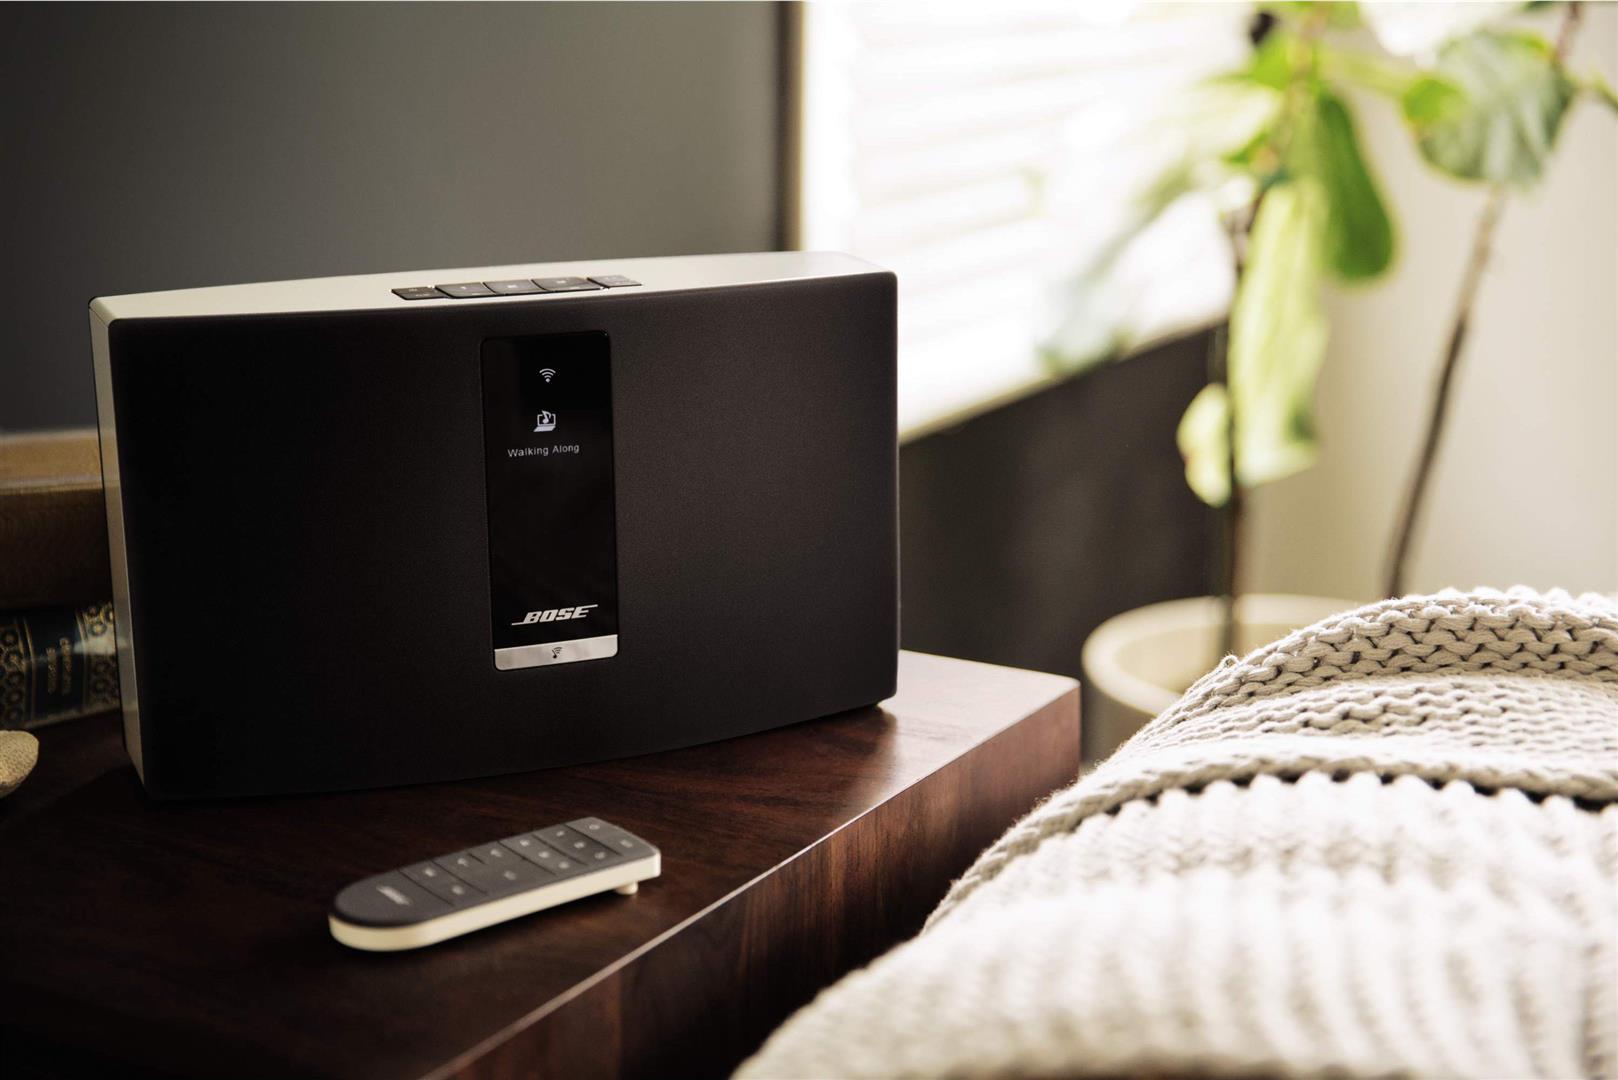 Wreszcie konkurencyjny system multiroom od Bose